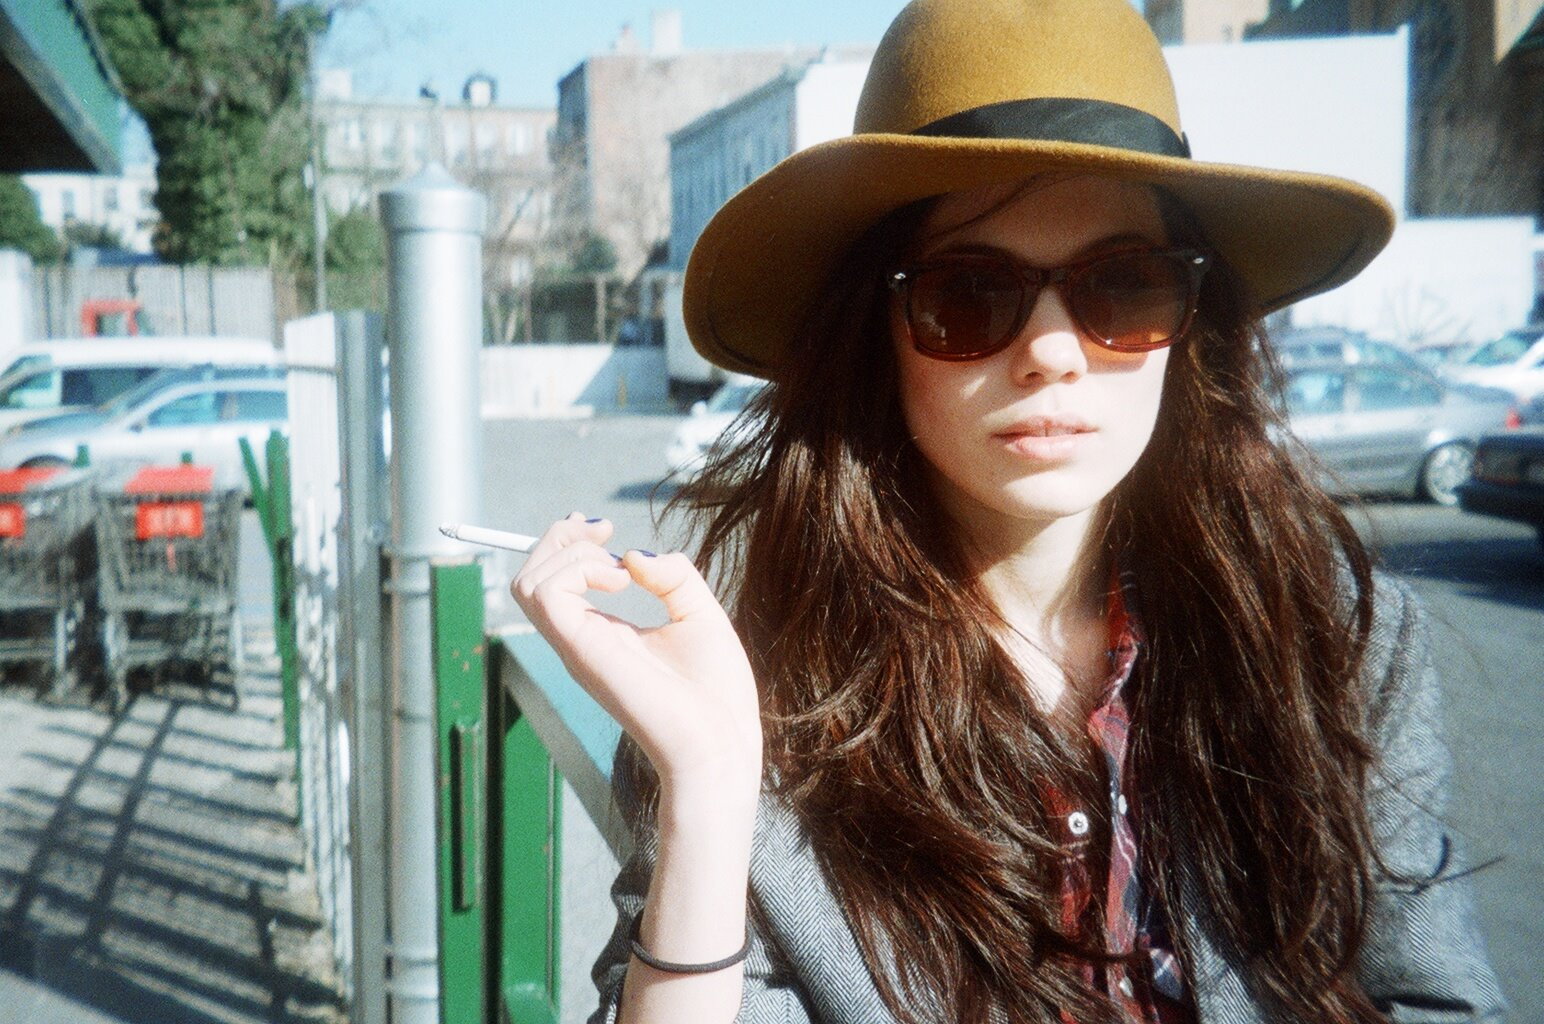 http://1.bp.blogspot.com/-SmxIX9Ftsrc/TZW_m9q00GI/AAAAAAAAAJI/0FvtZZ-G2Nc/s1600/proenza+schouler+sunglasses+rayban+hat.JPG